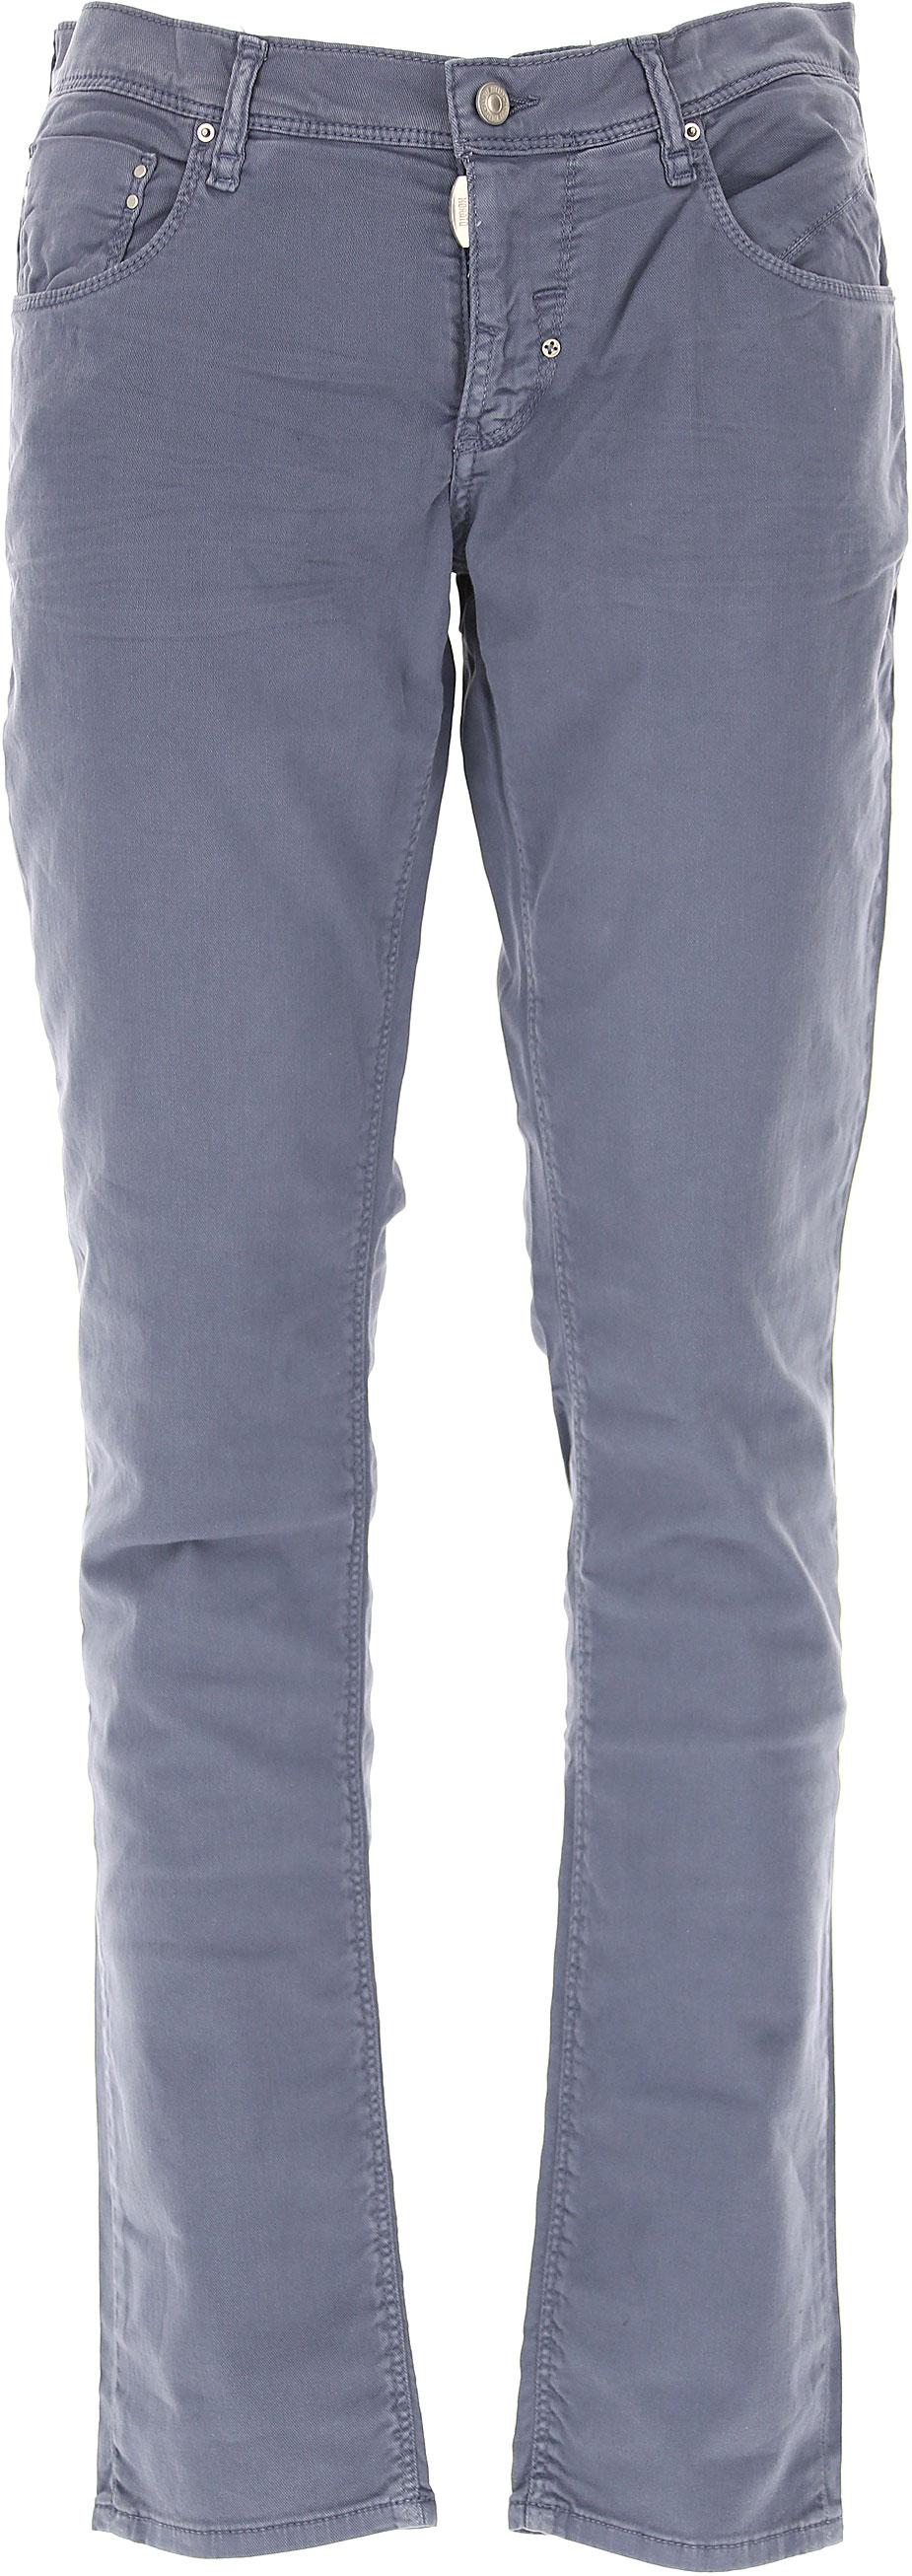 Abbigliamento Uomo Antony Morato, Codice Articolo: mmtr00266-fa760020-7039